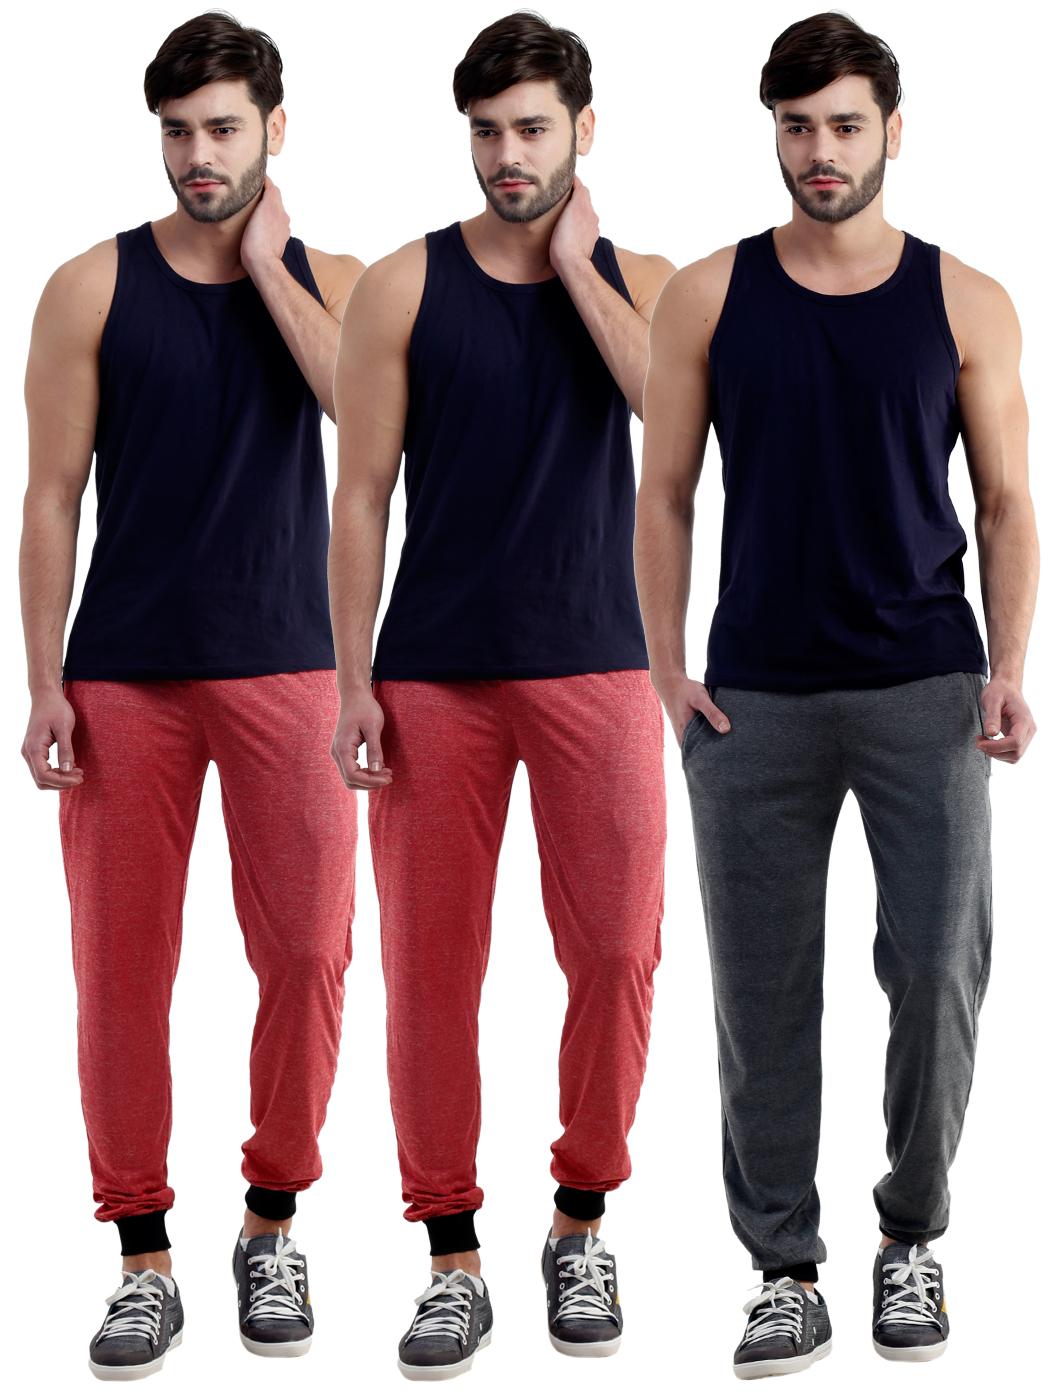 Dee Mannequin Awesome Track Pants For Men-NMXMILTPRDRDGR26